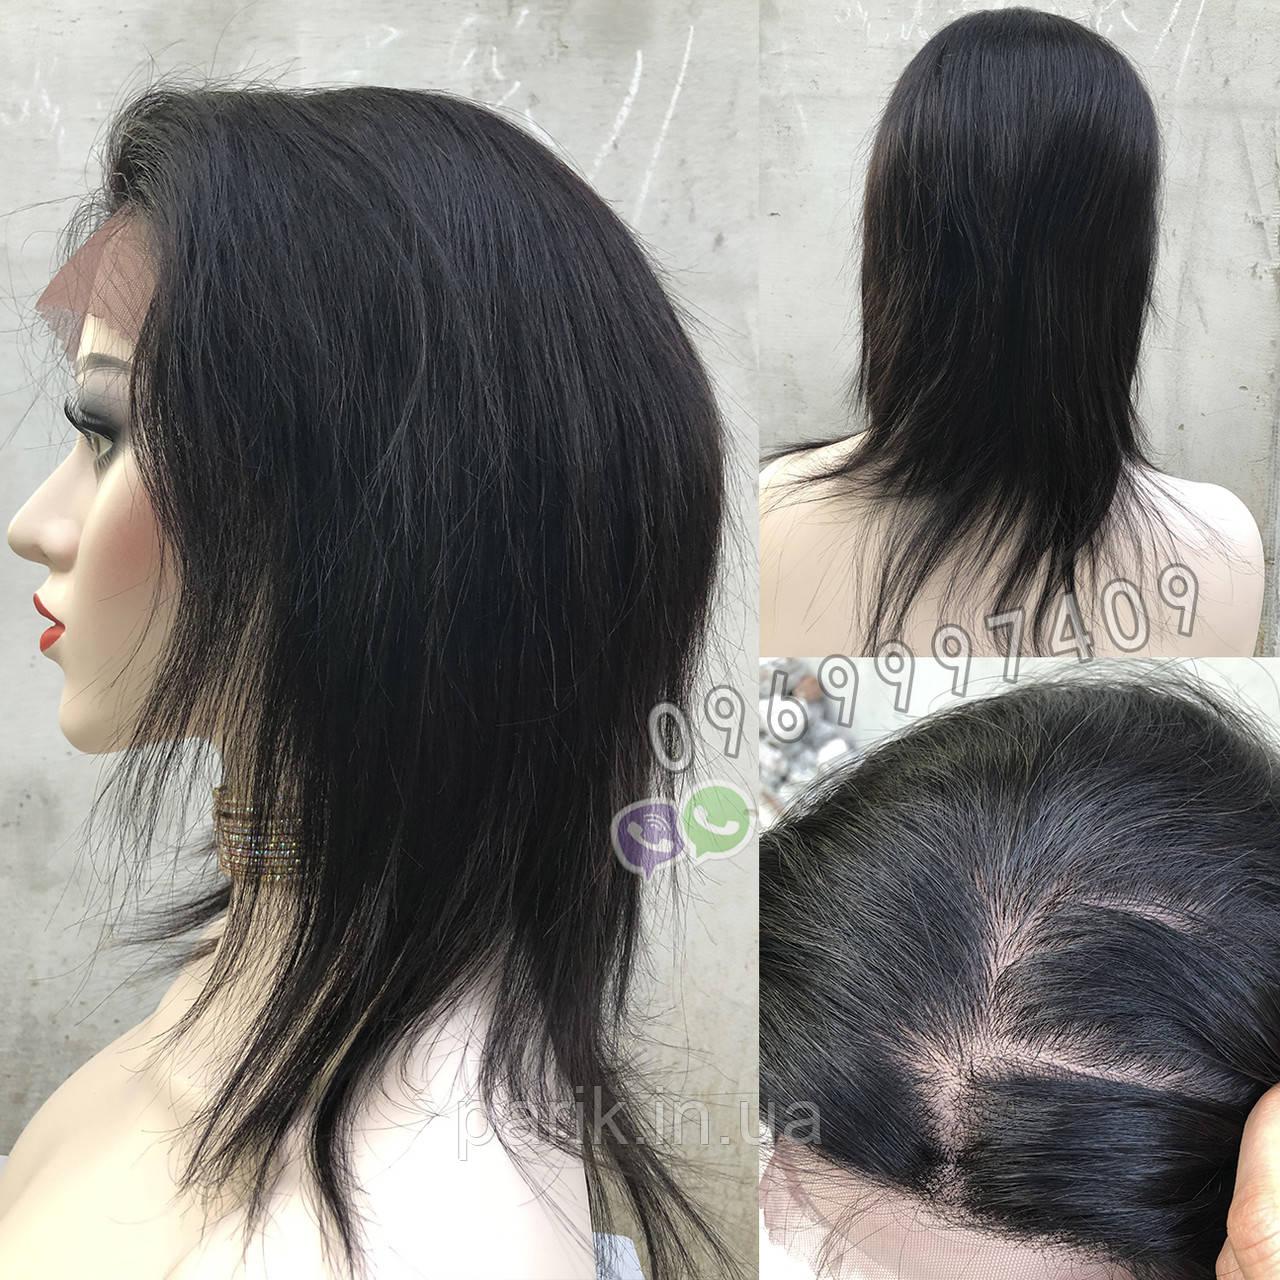 💎Парик натуральный, чёрные ровные волосы💎 (имитация кожи головы)